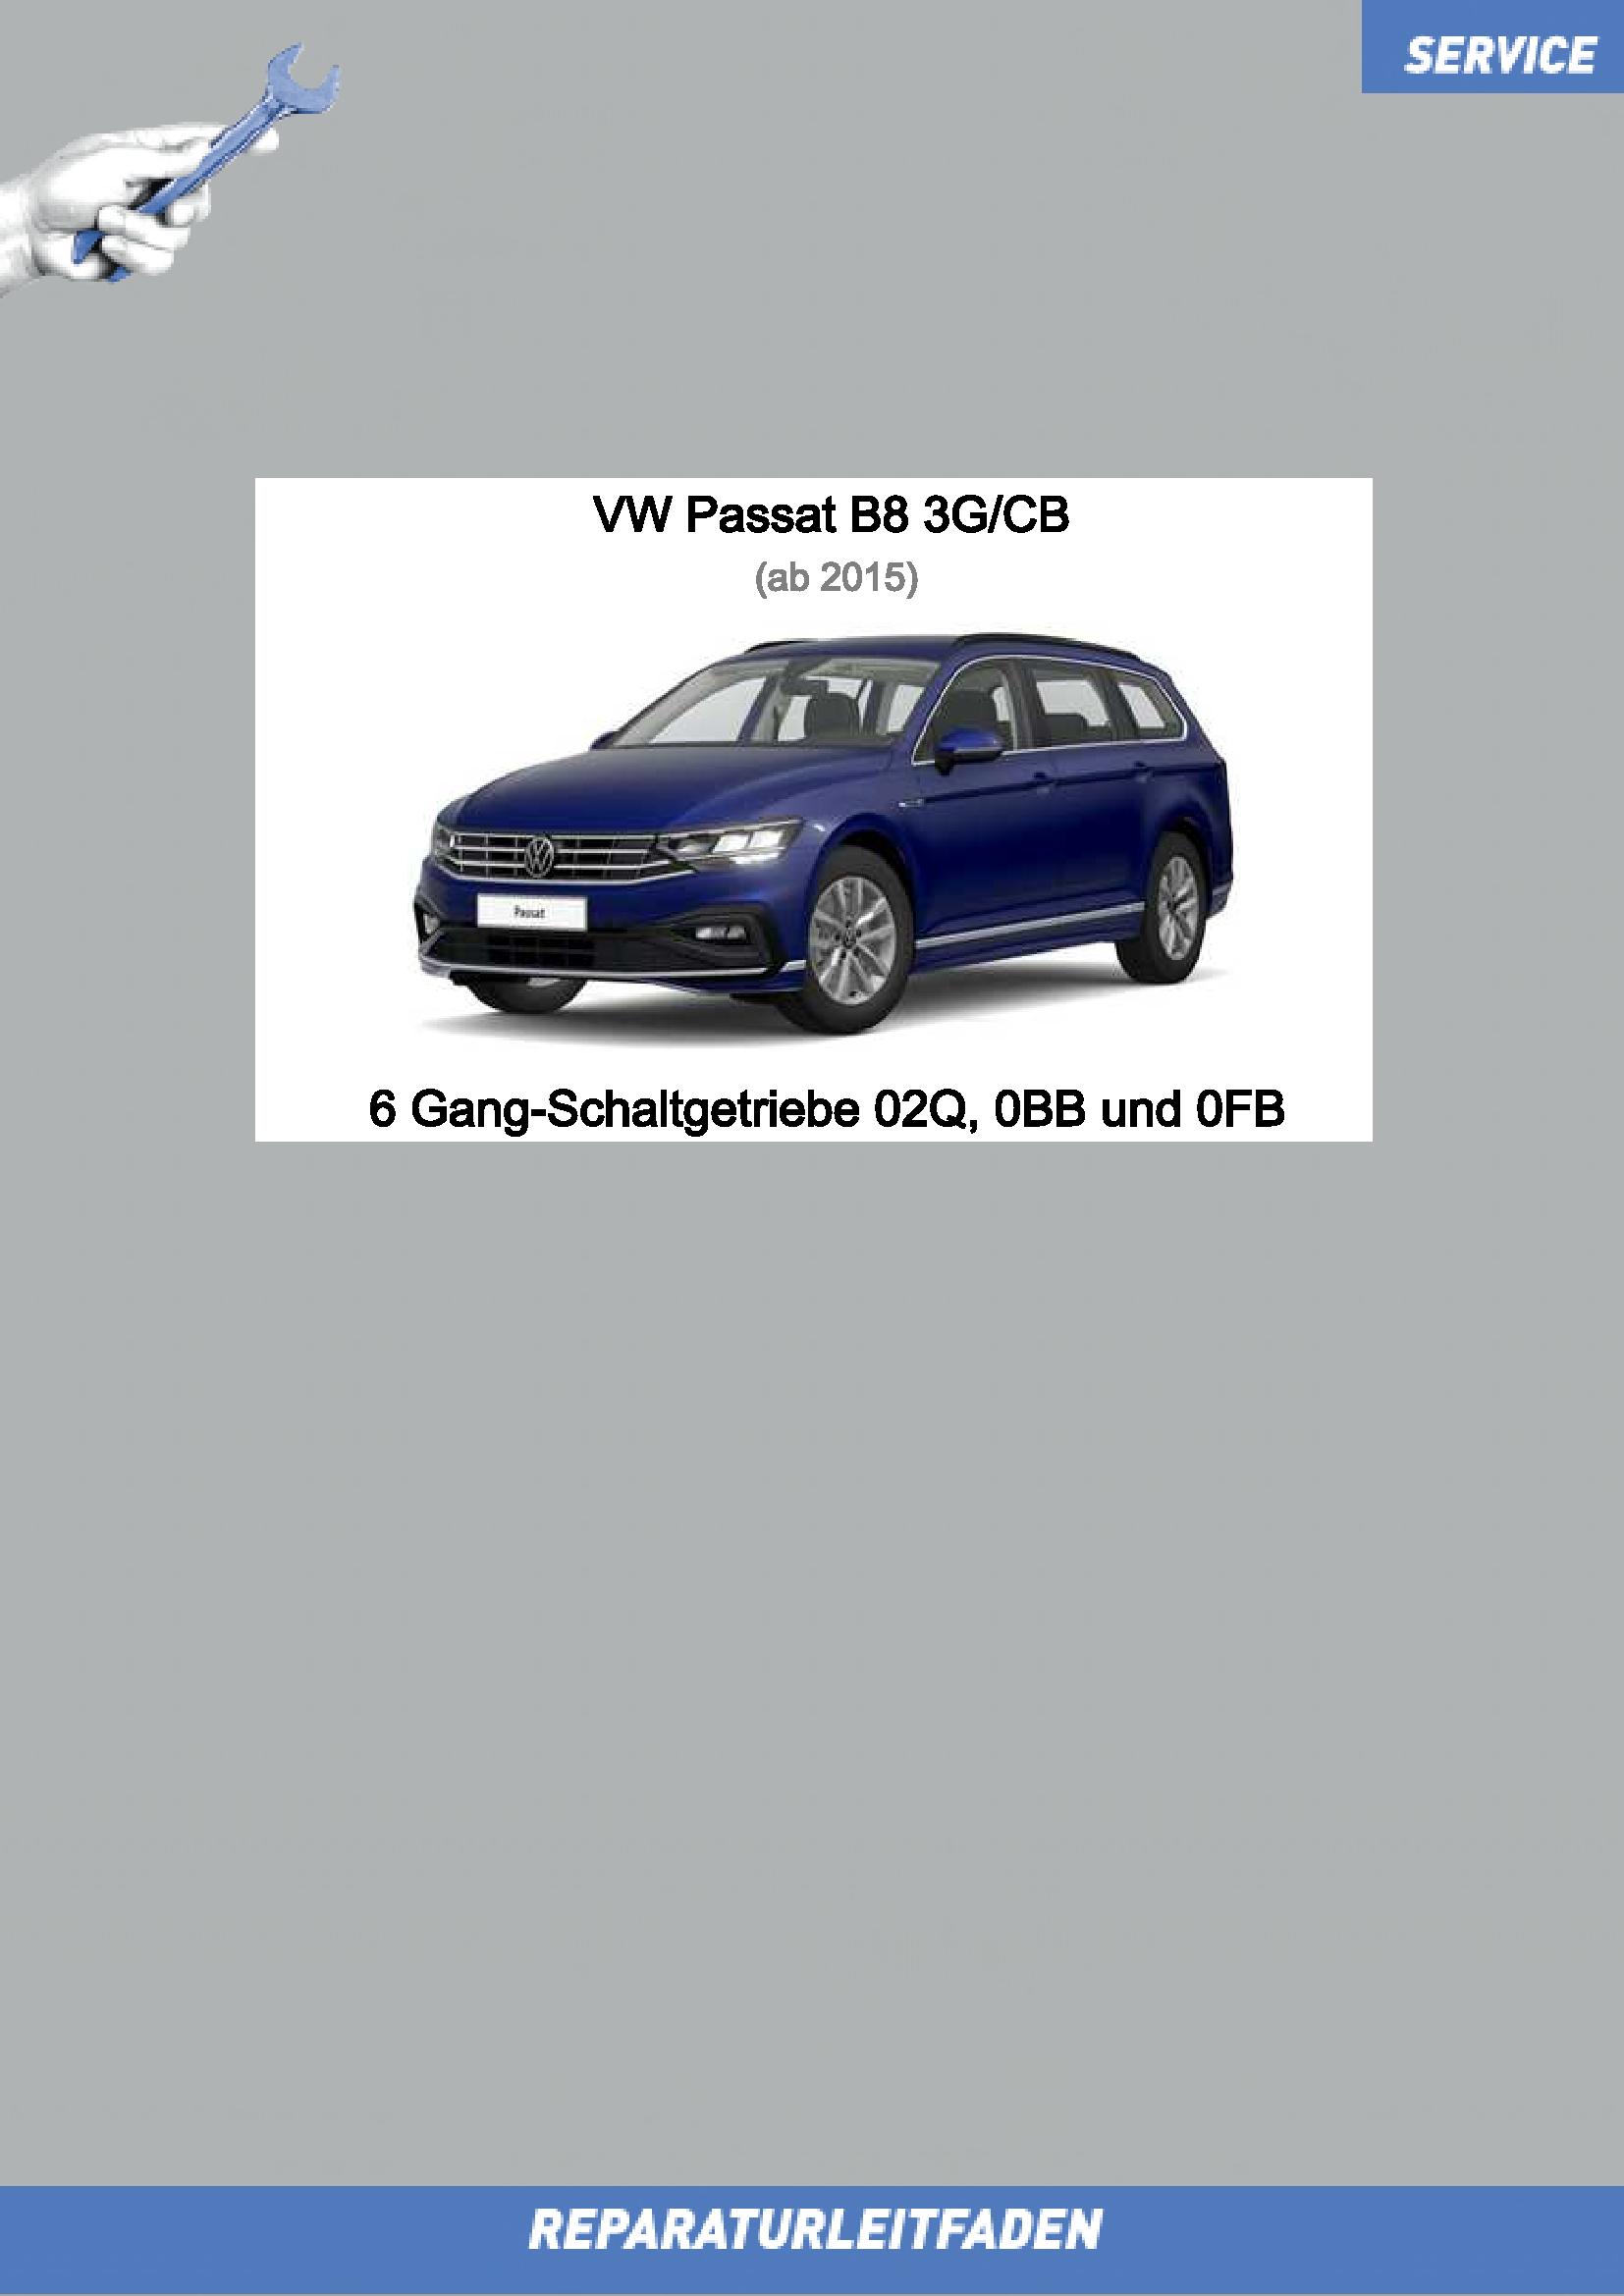 vw-passat-3g-0027-6_gang_schaltgetriebe_02q_0bb_und_0fb_1.png